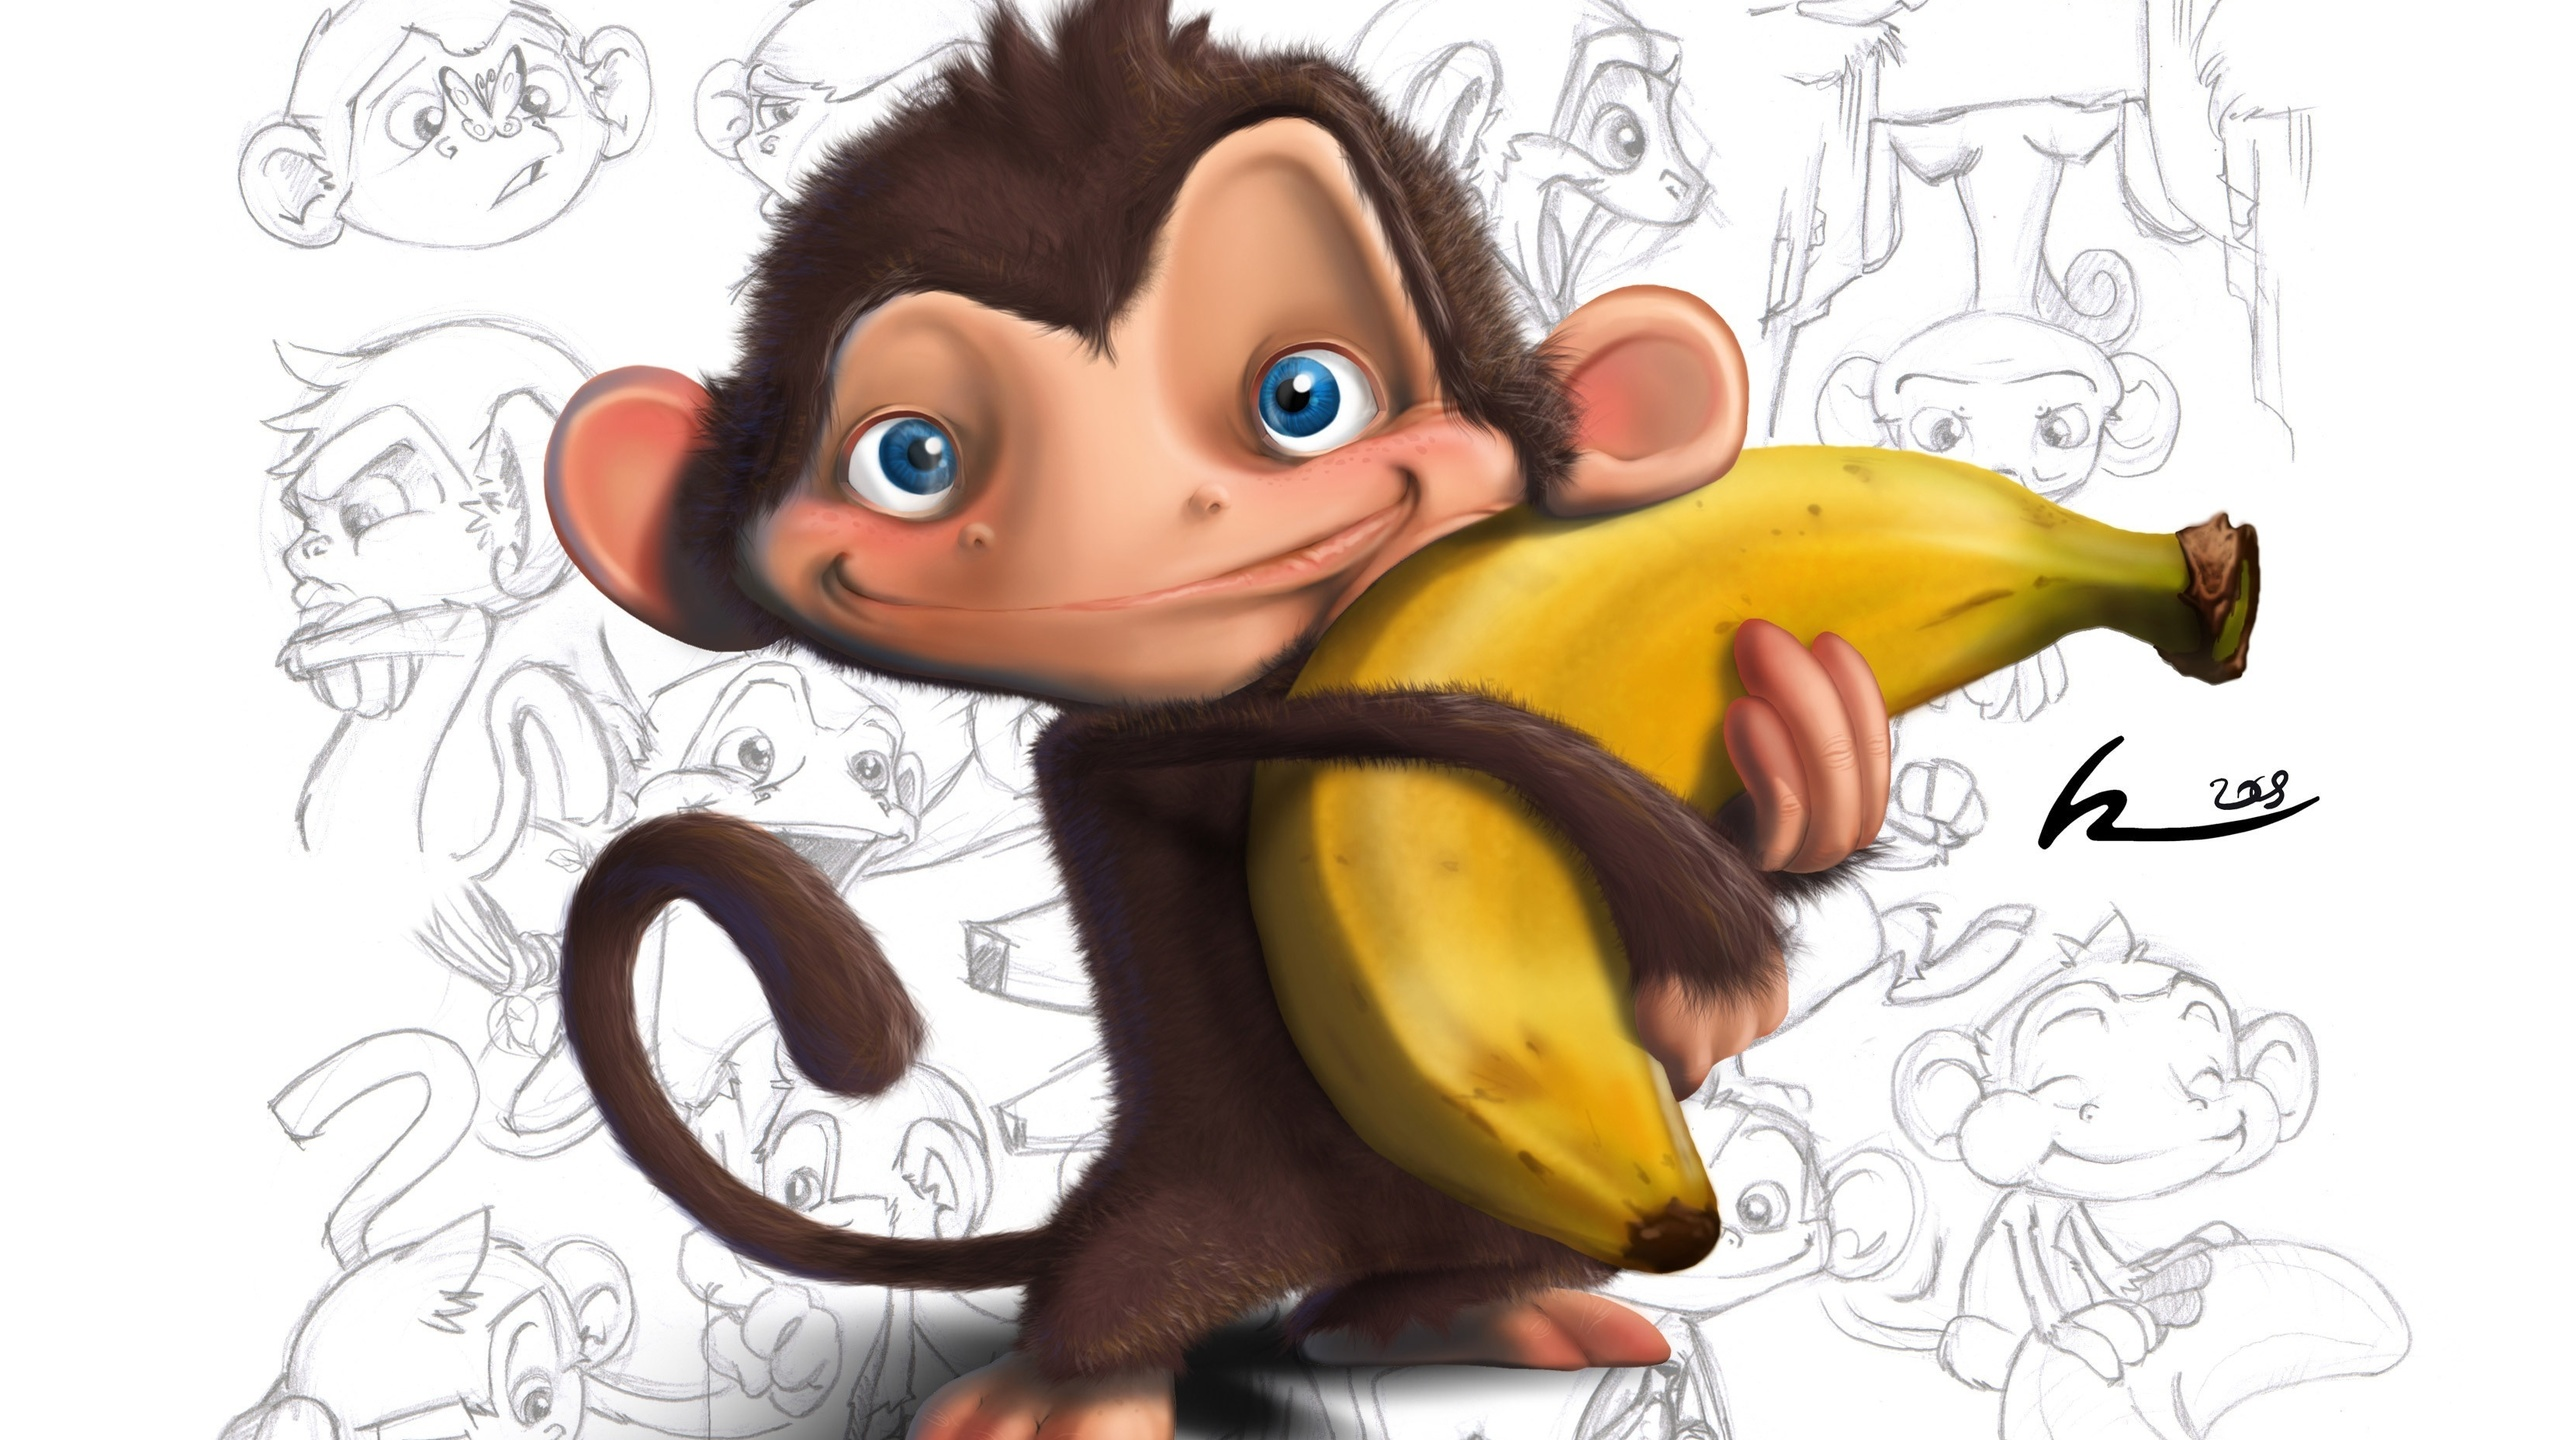 Смешные нарисованные картинки обезьян, индексом